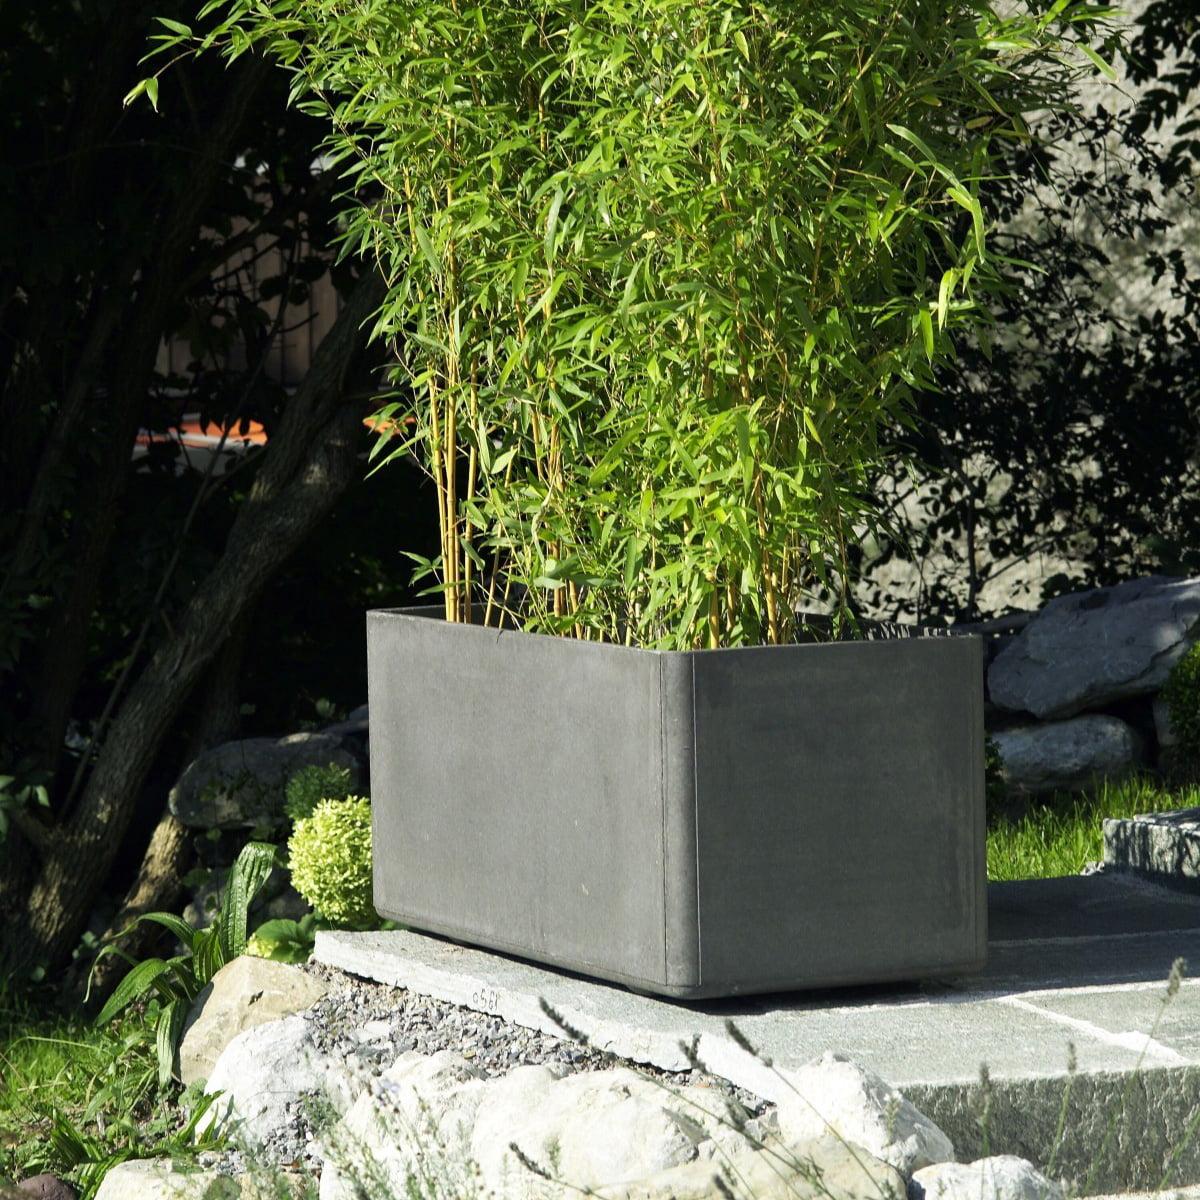 delta pflanzentopf rechteckig von eternit. Black Bedroom Furniture Sets. Home Design Ideas